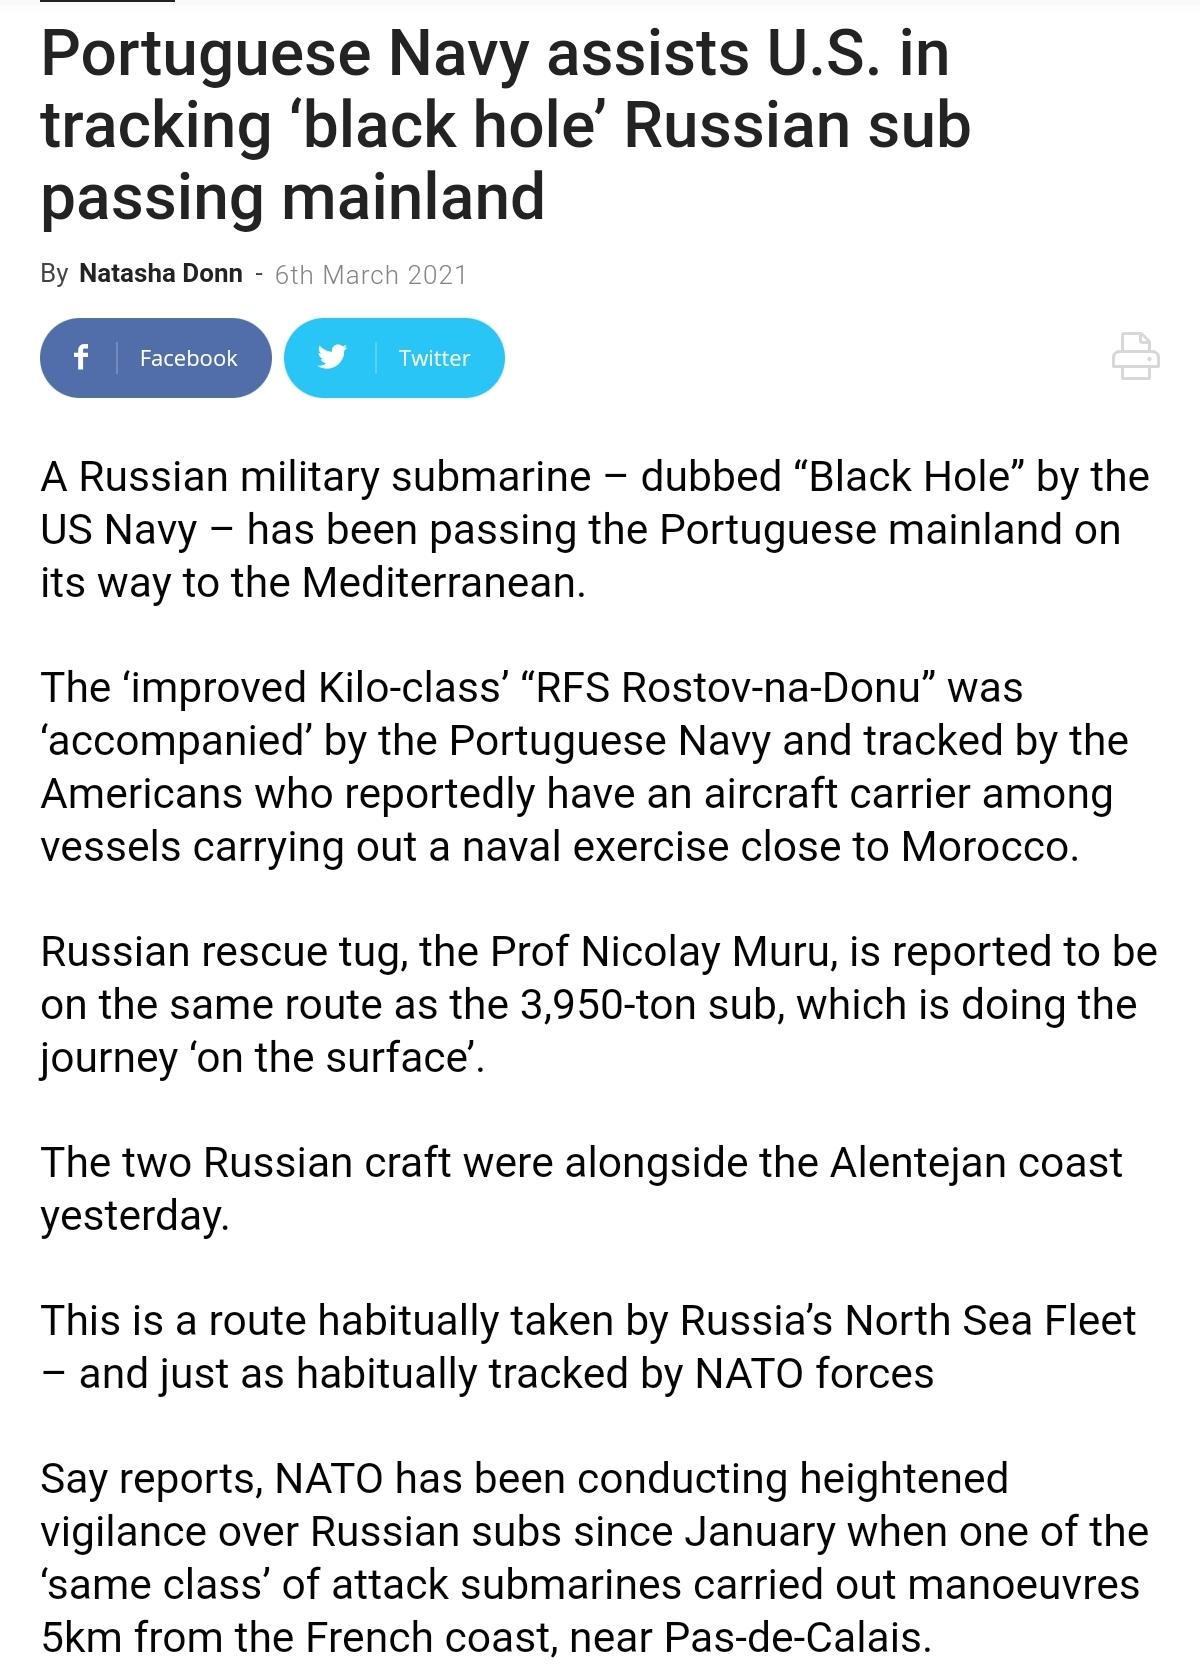 """روسيا تحاول التجسس على المناورات العسكرية المغربية الأمريكية من خلال """"الثقب الأسود"""""""